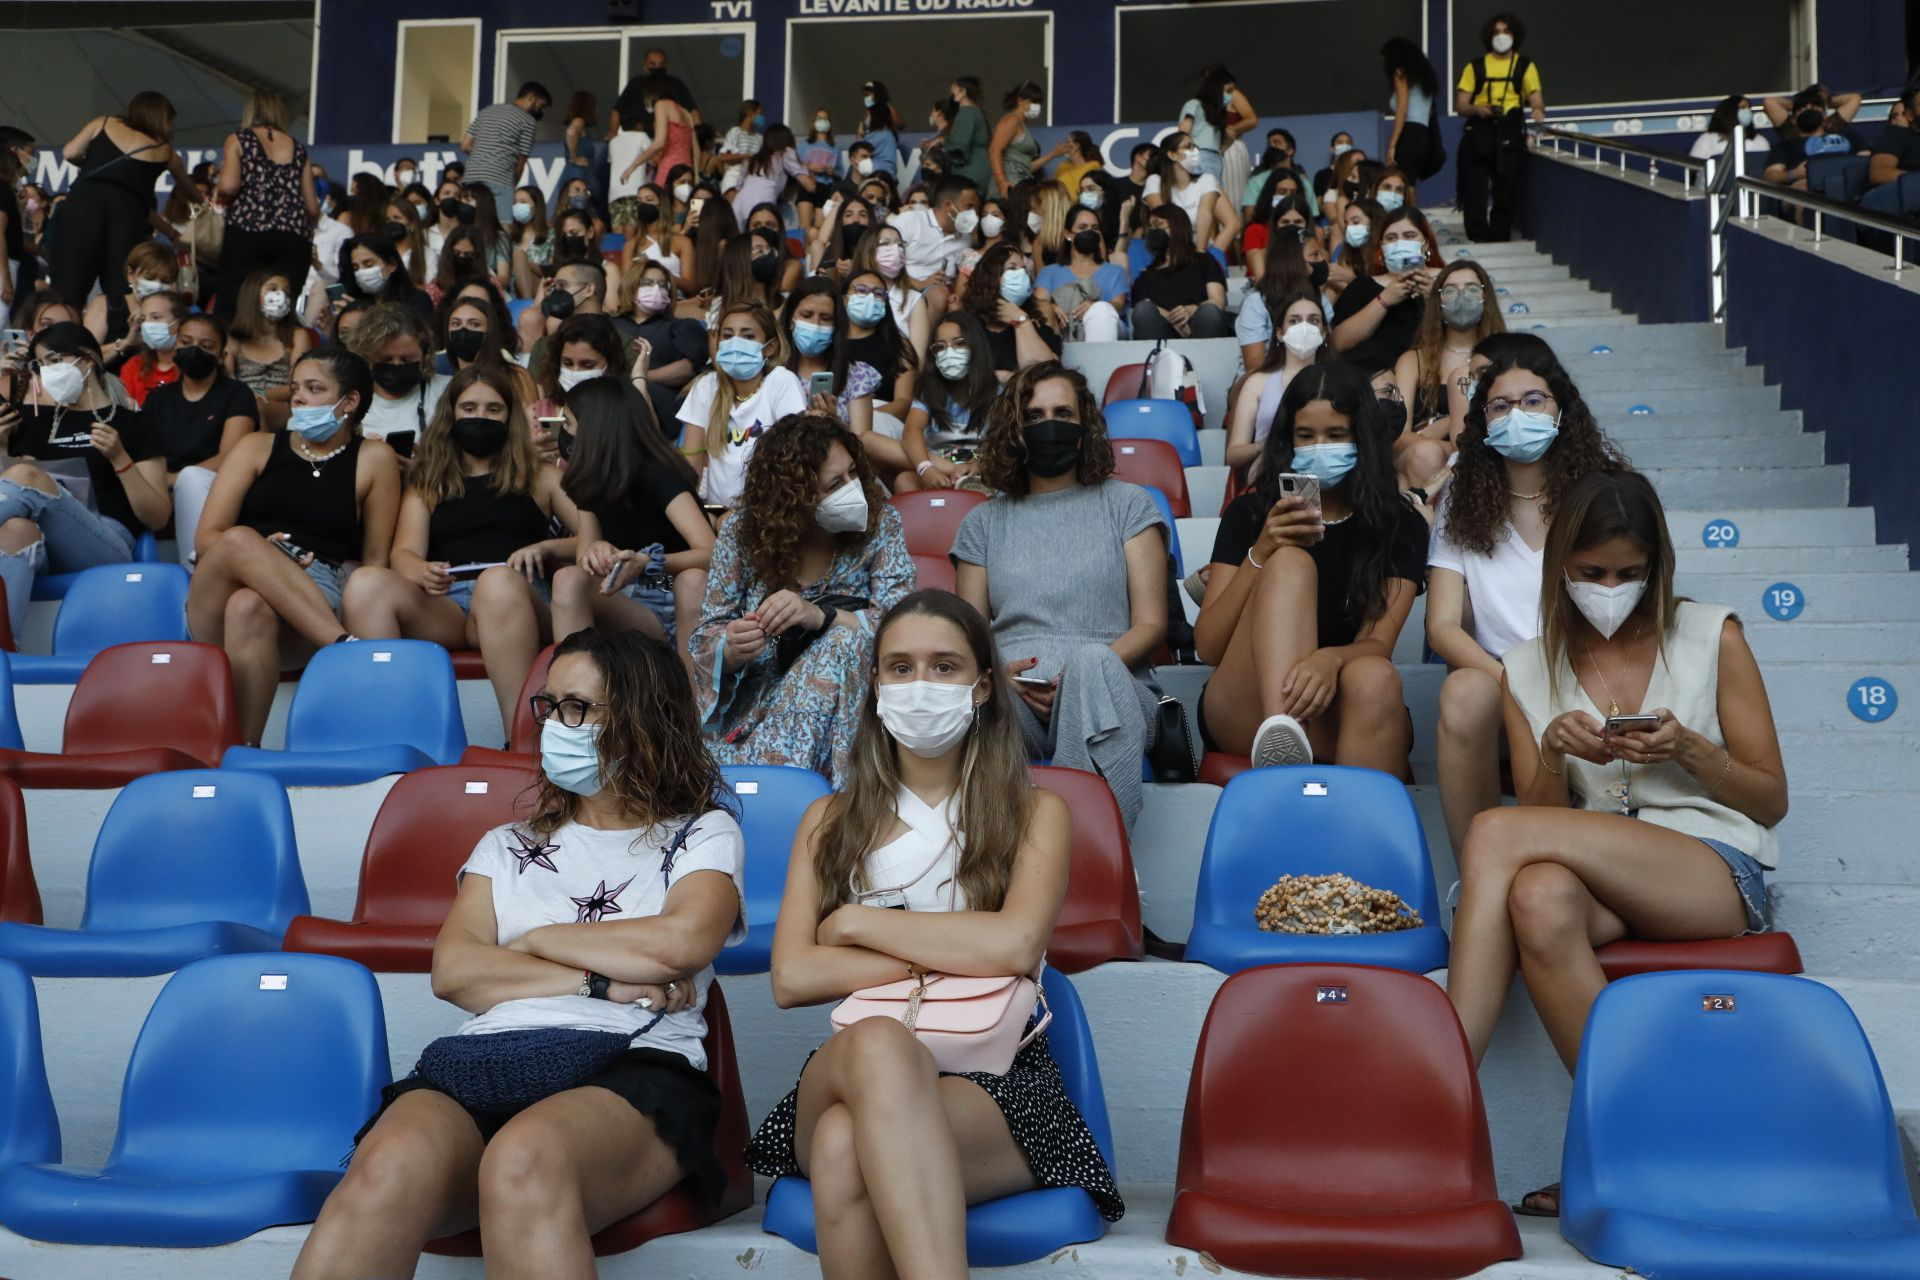 Concierto de Aitana en València, el último antes de la reducción de aforo